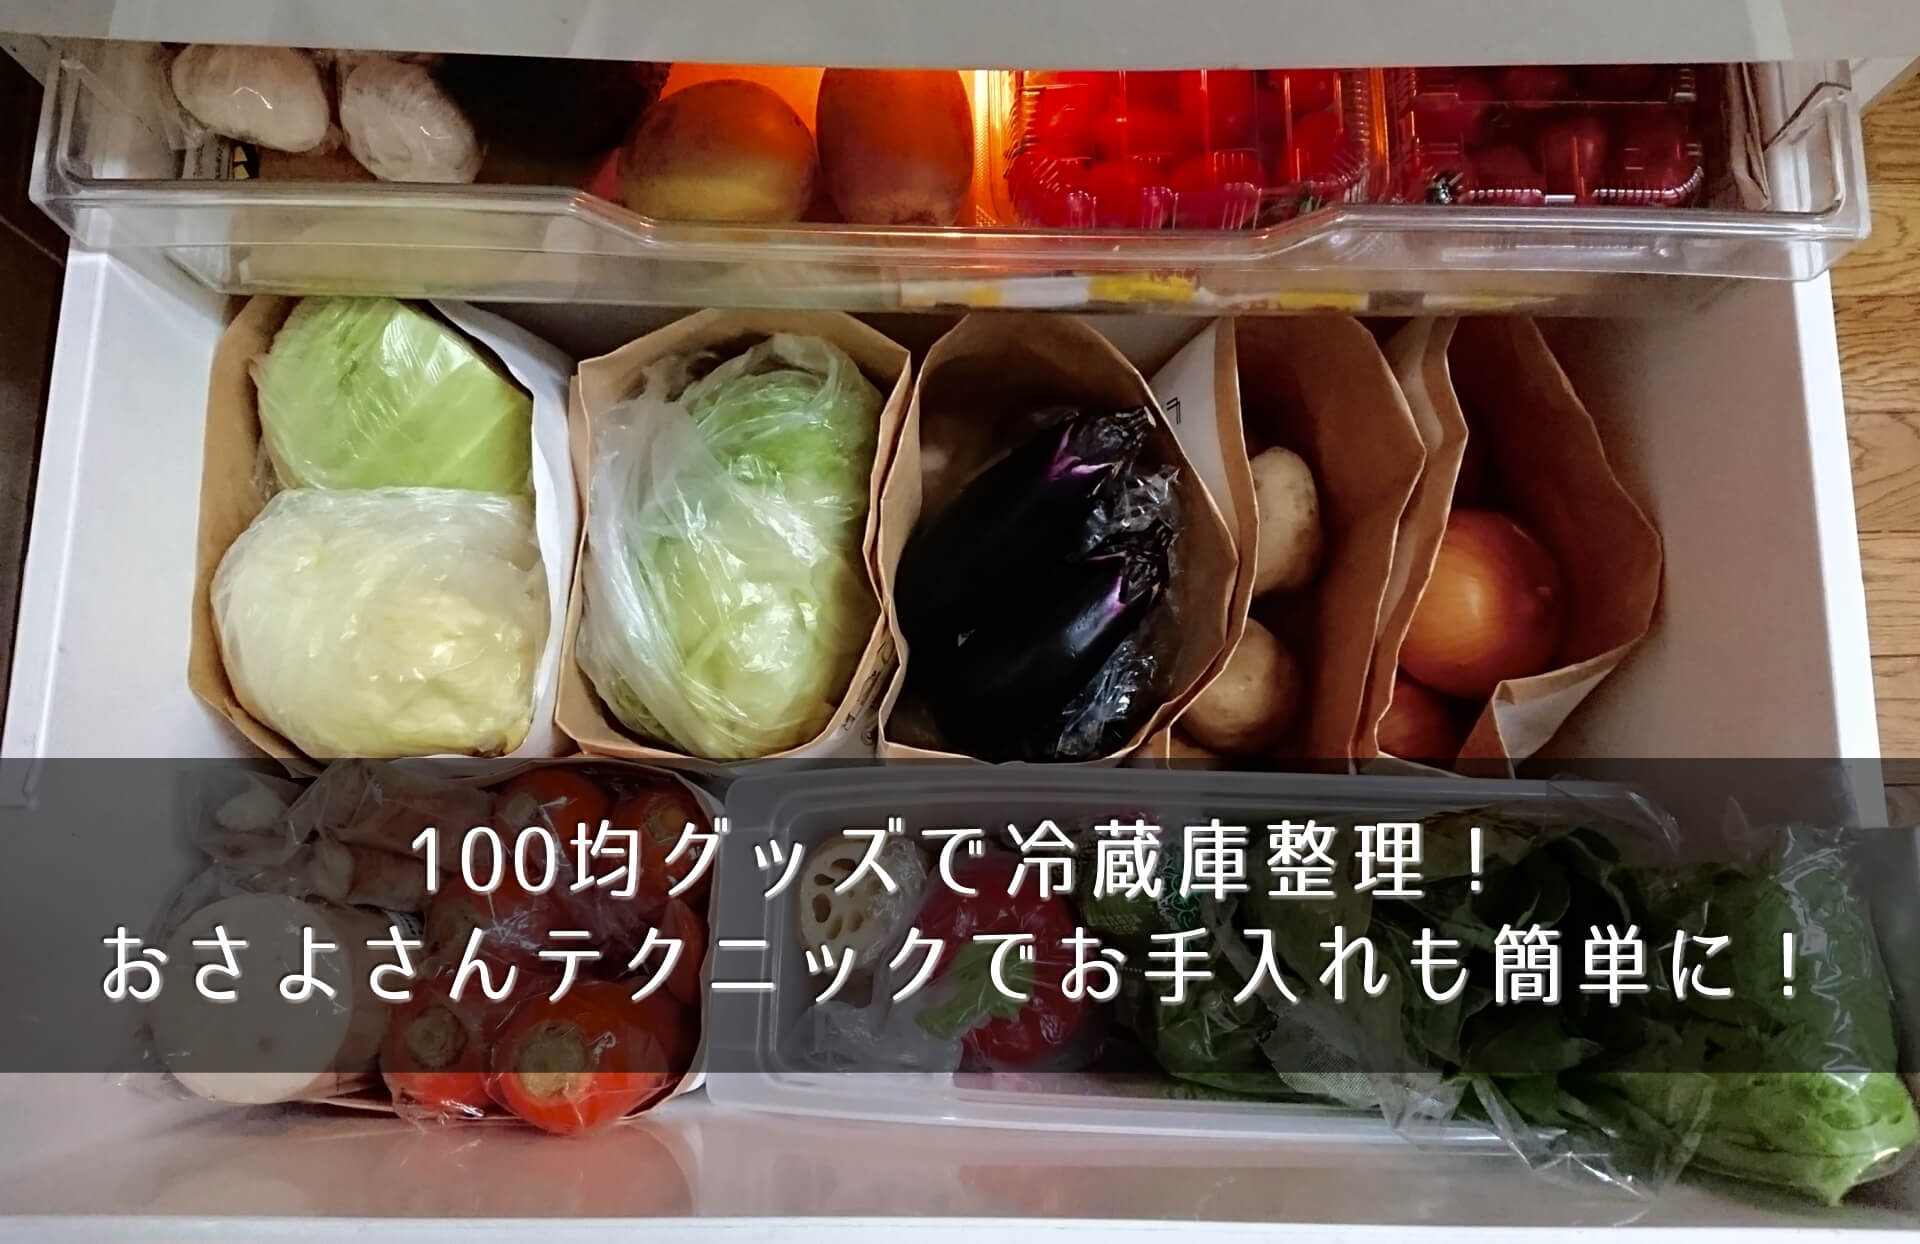 100均グッズで冷蔵庫整理!おさよさんテクニックでお手入れも簡単に!